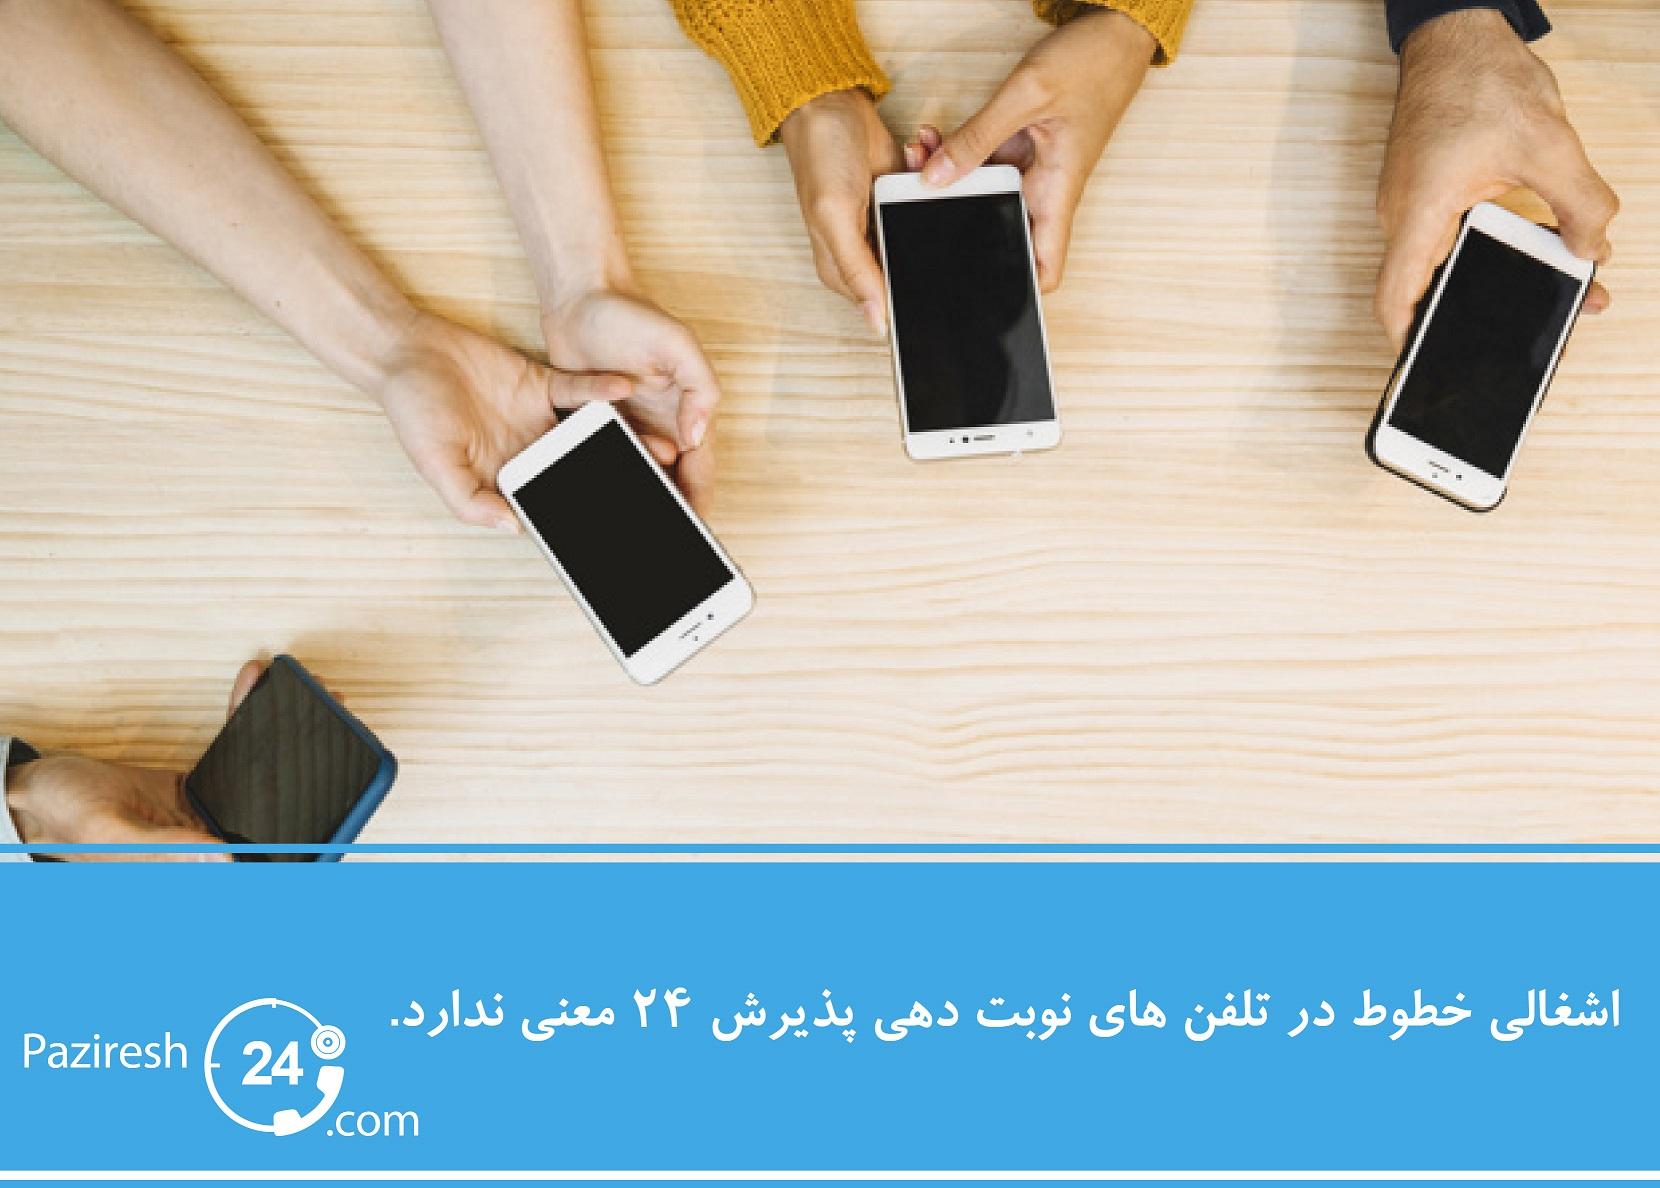 نوبت دهی تلفنی پذیرش 24